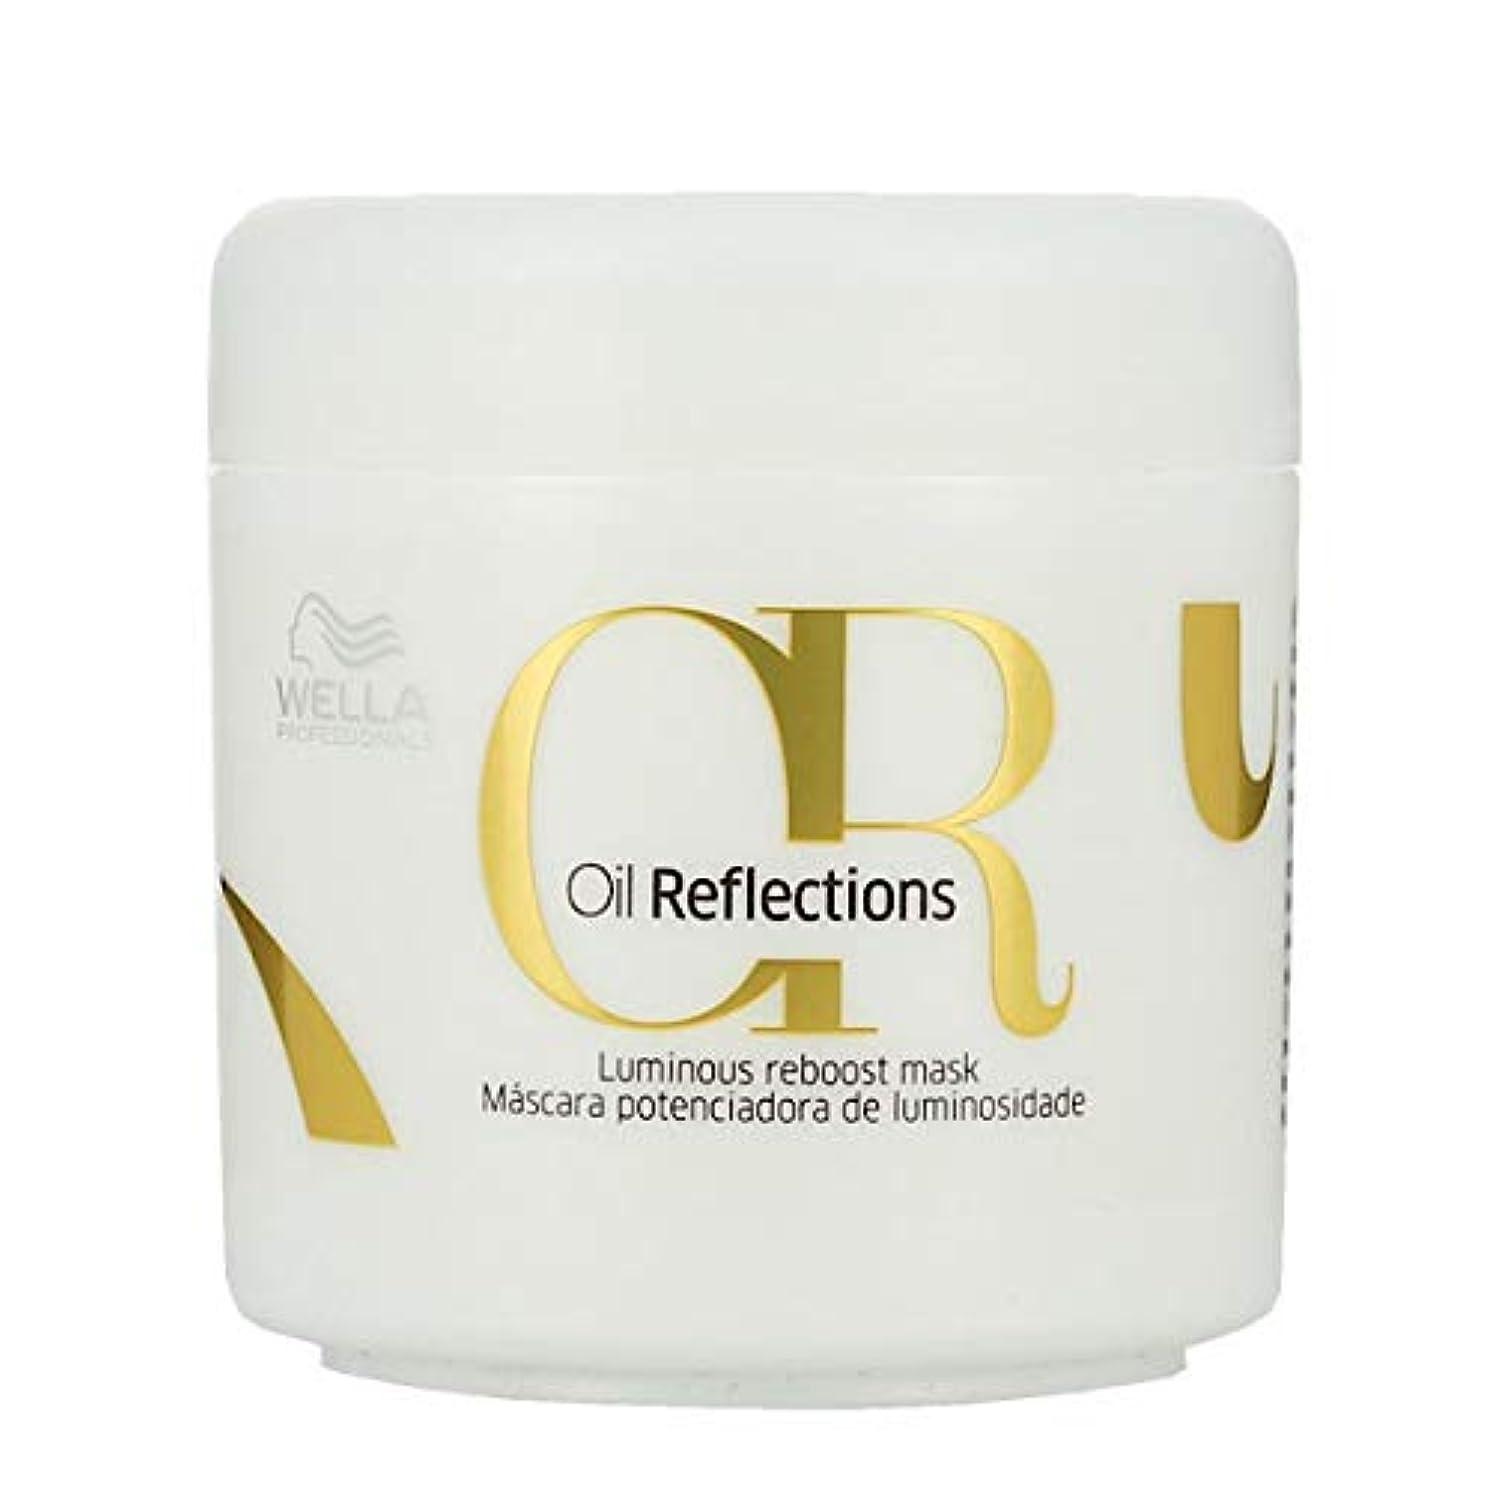 ごちそう生活借りているWella Professionals Oil Reflections Luminous Reboost Mask ウエラ オイルリフレクション マスク 150 ml [並行輸入品]